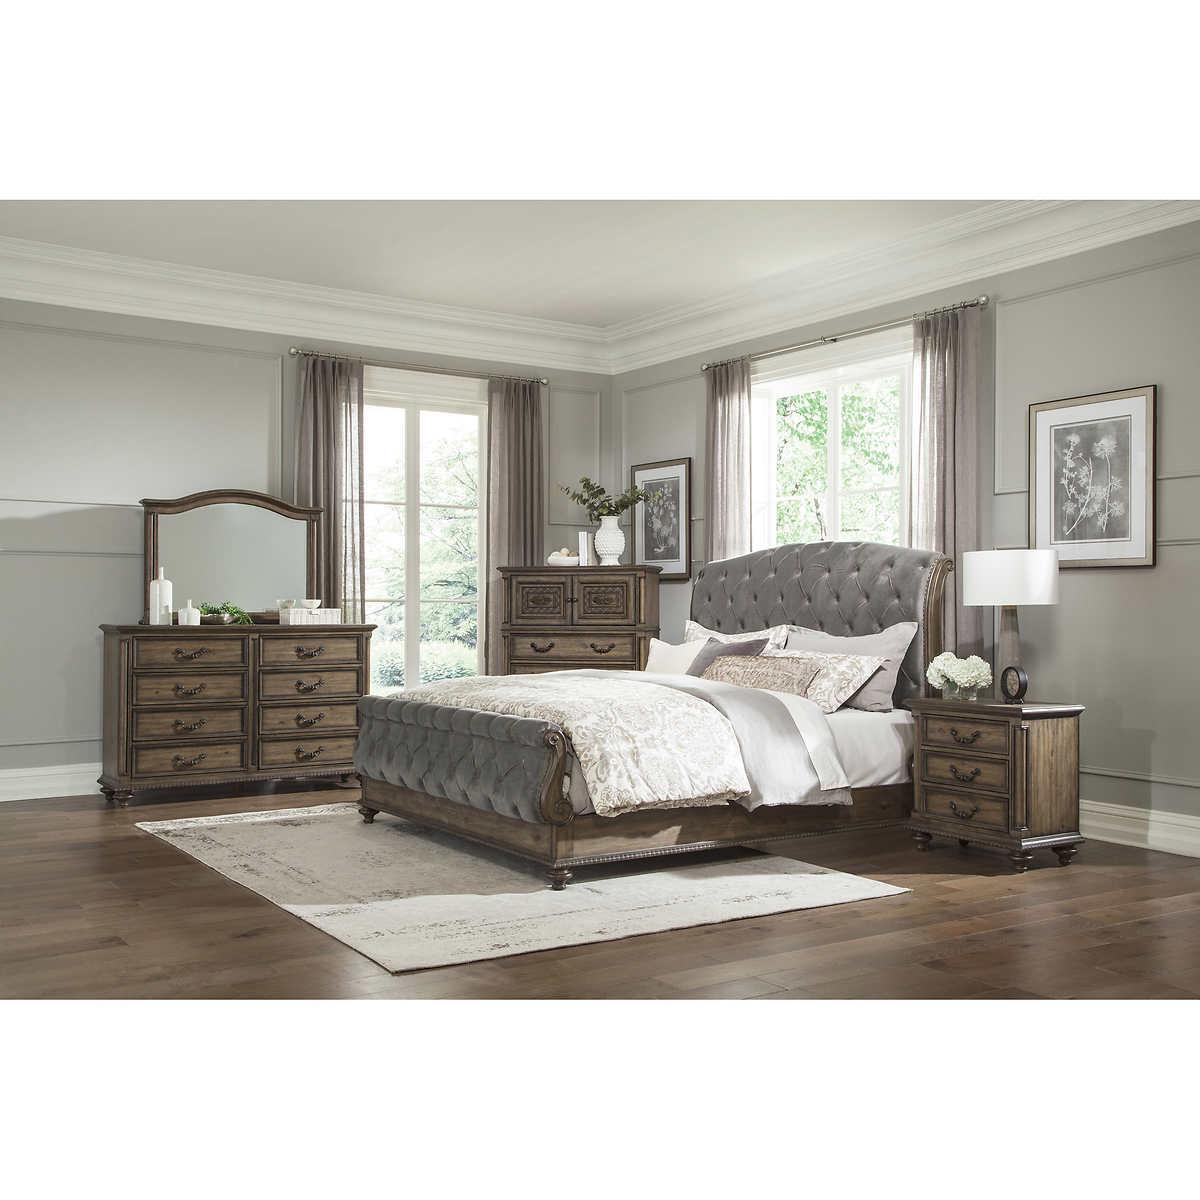 Rachelle 3-piece King Bedroom Set